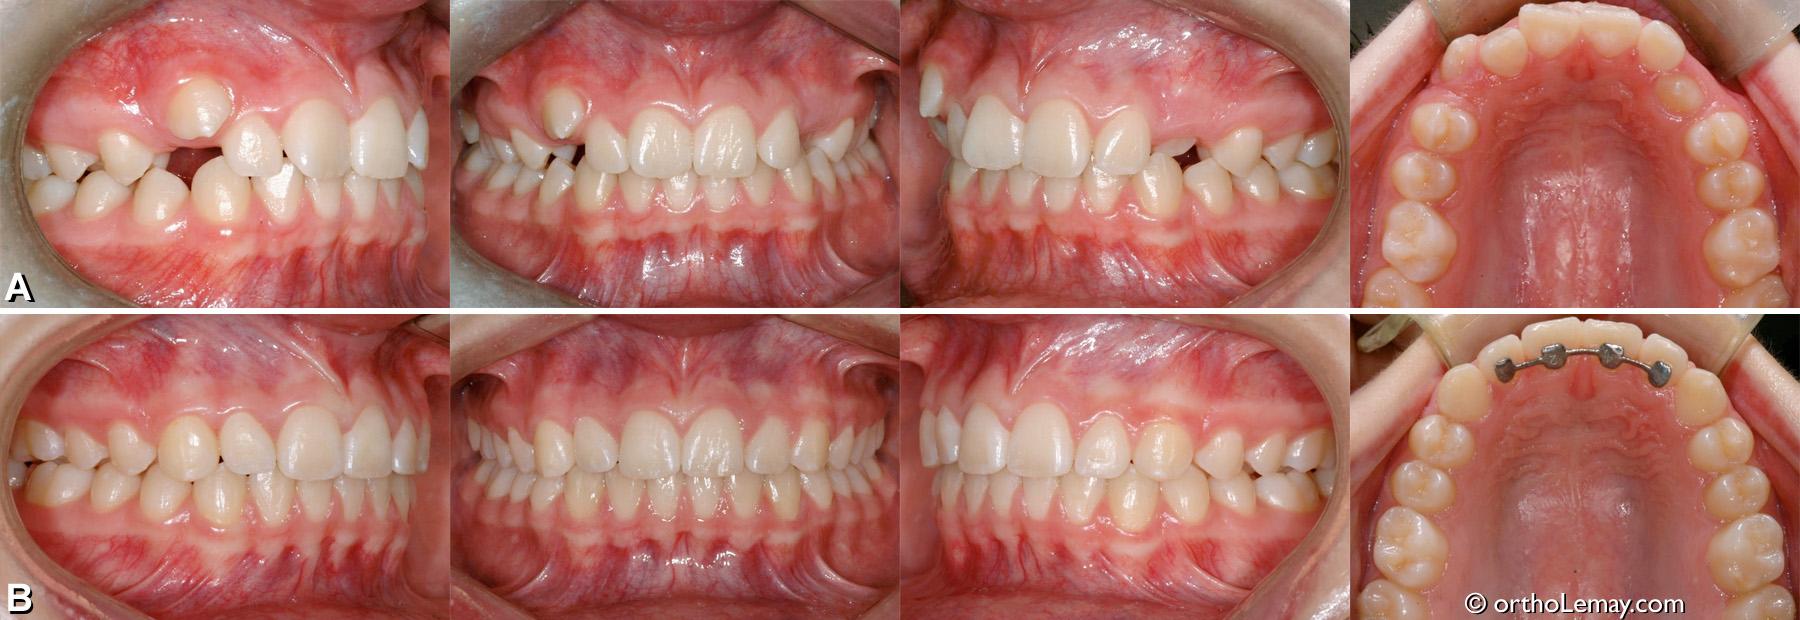 Malocclusion dentaire de type classe 1 (classe I) avec manque d'espace modéré et les canines supérieures non fonctionnelles. Corrections orthodontiques sans extractions.